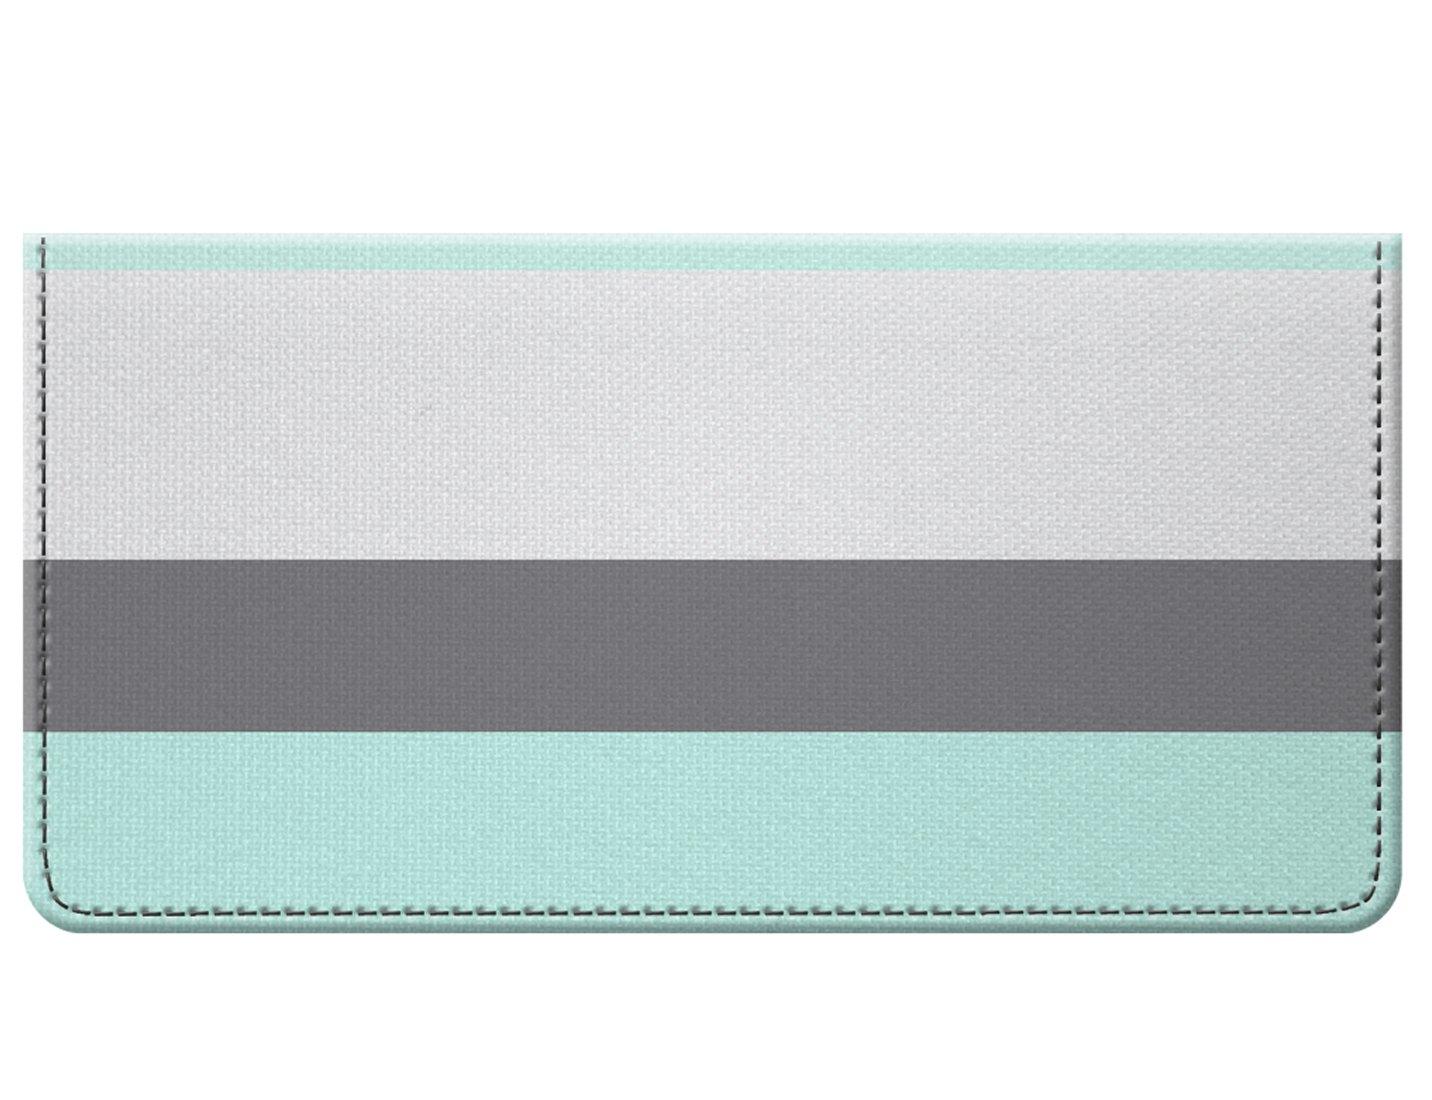 Snaptotes Seafoam Gray Thick Stripe Design Checkbook Cover